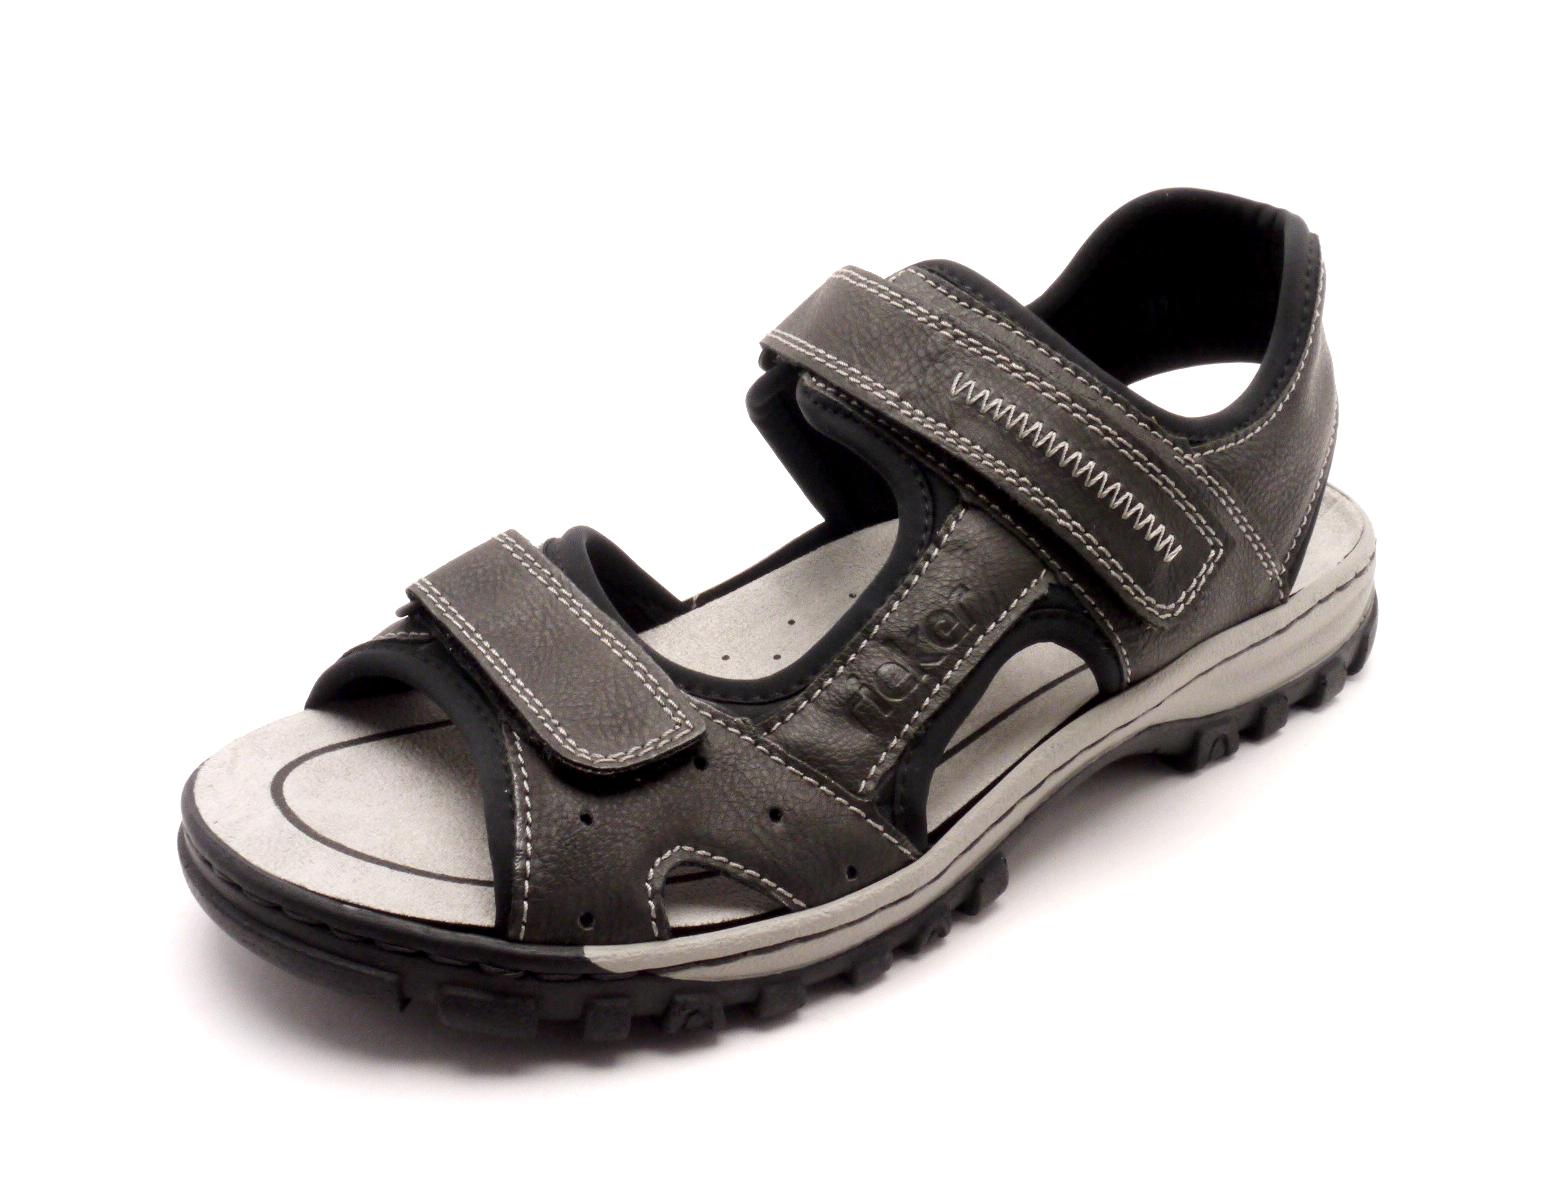 605234c5060d Rieker Pánské pohodlné sandály na suchý zip 25084-45 Velikost  47